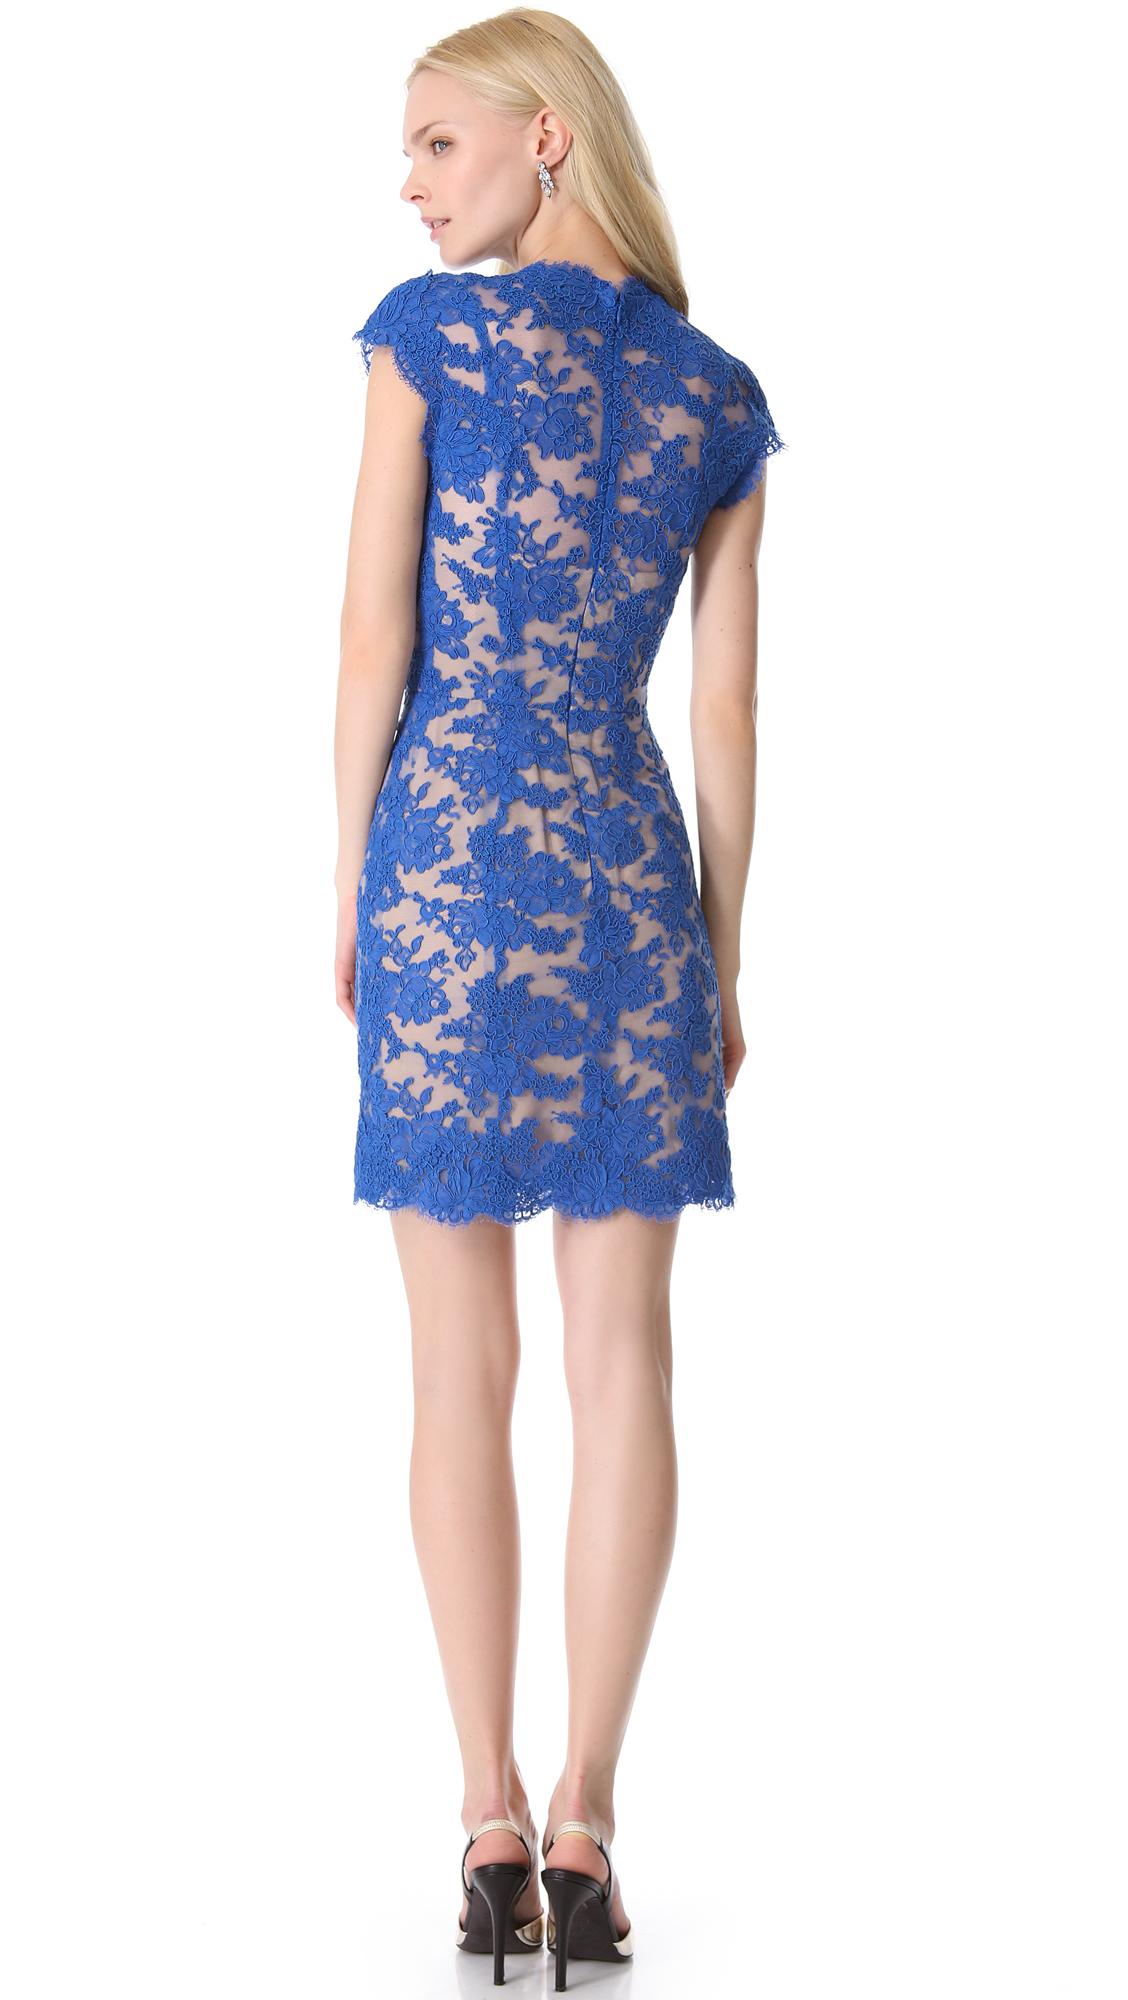 Lace cocktail dresses 2013